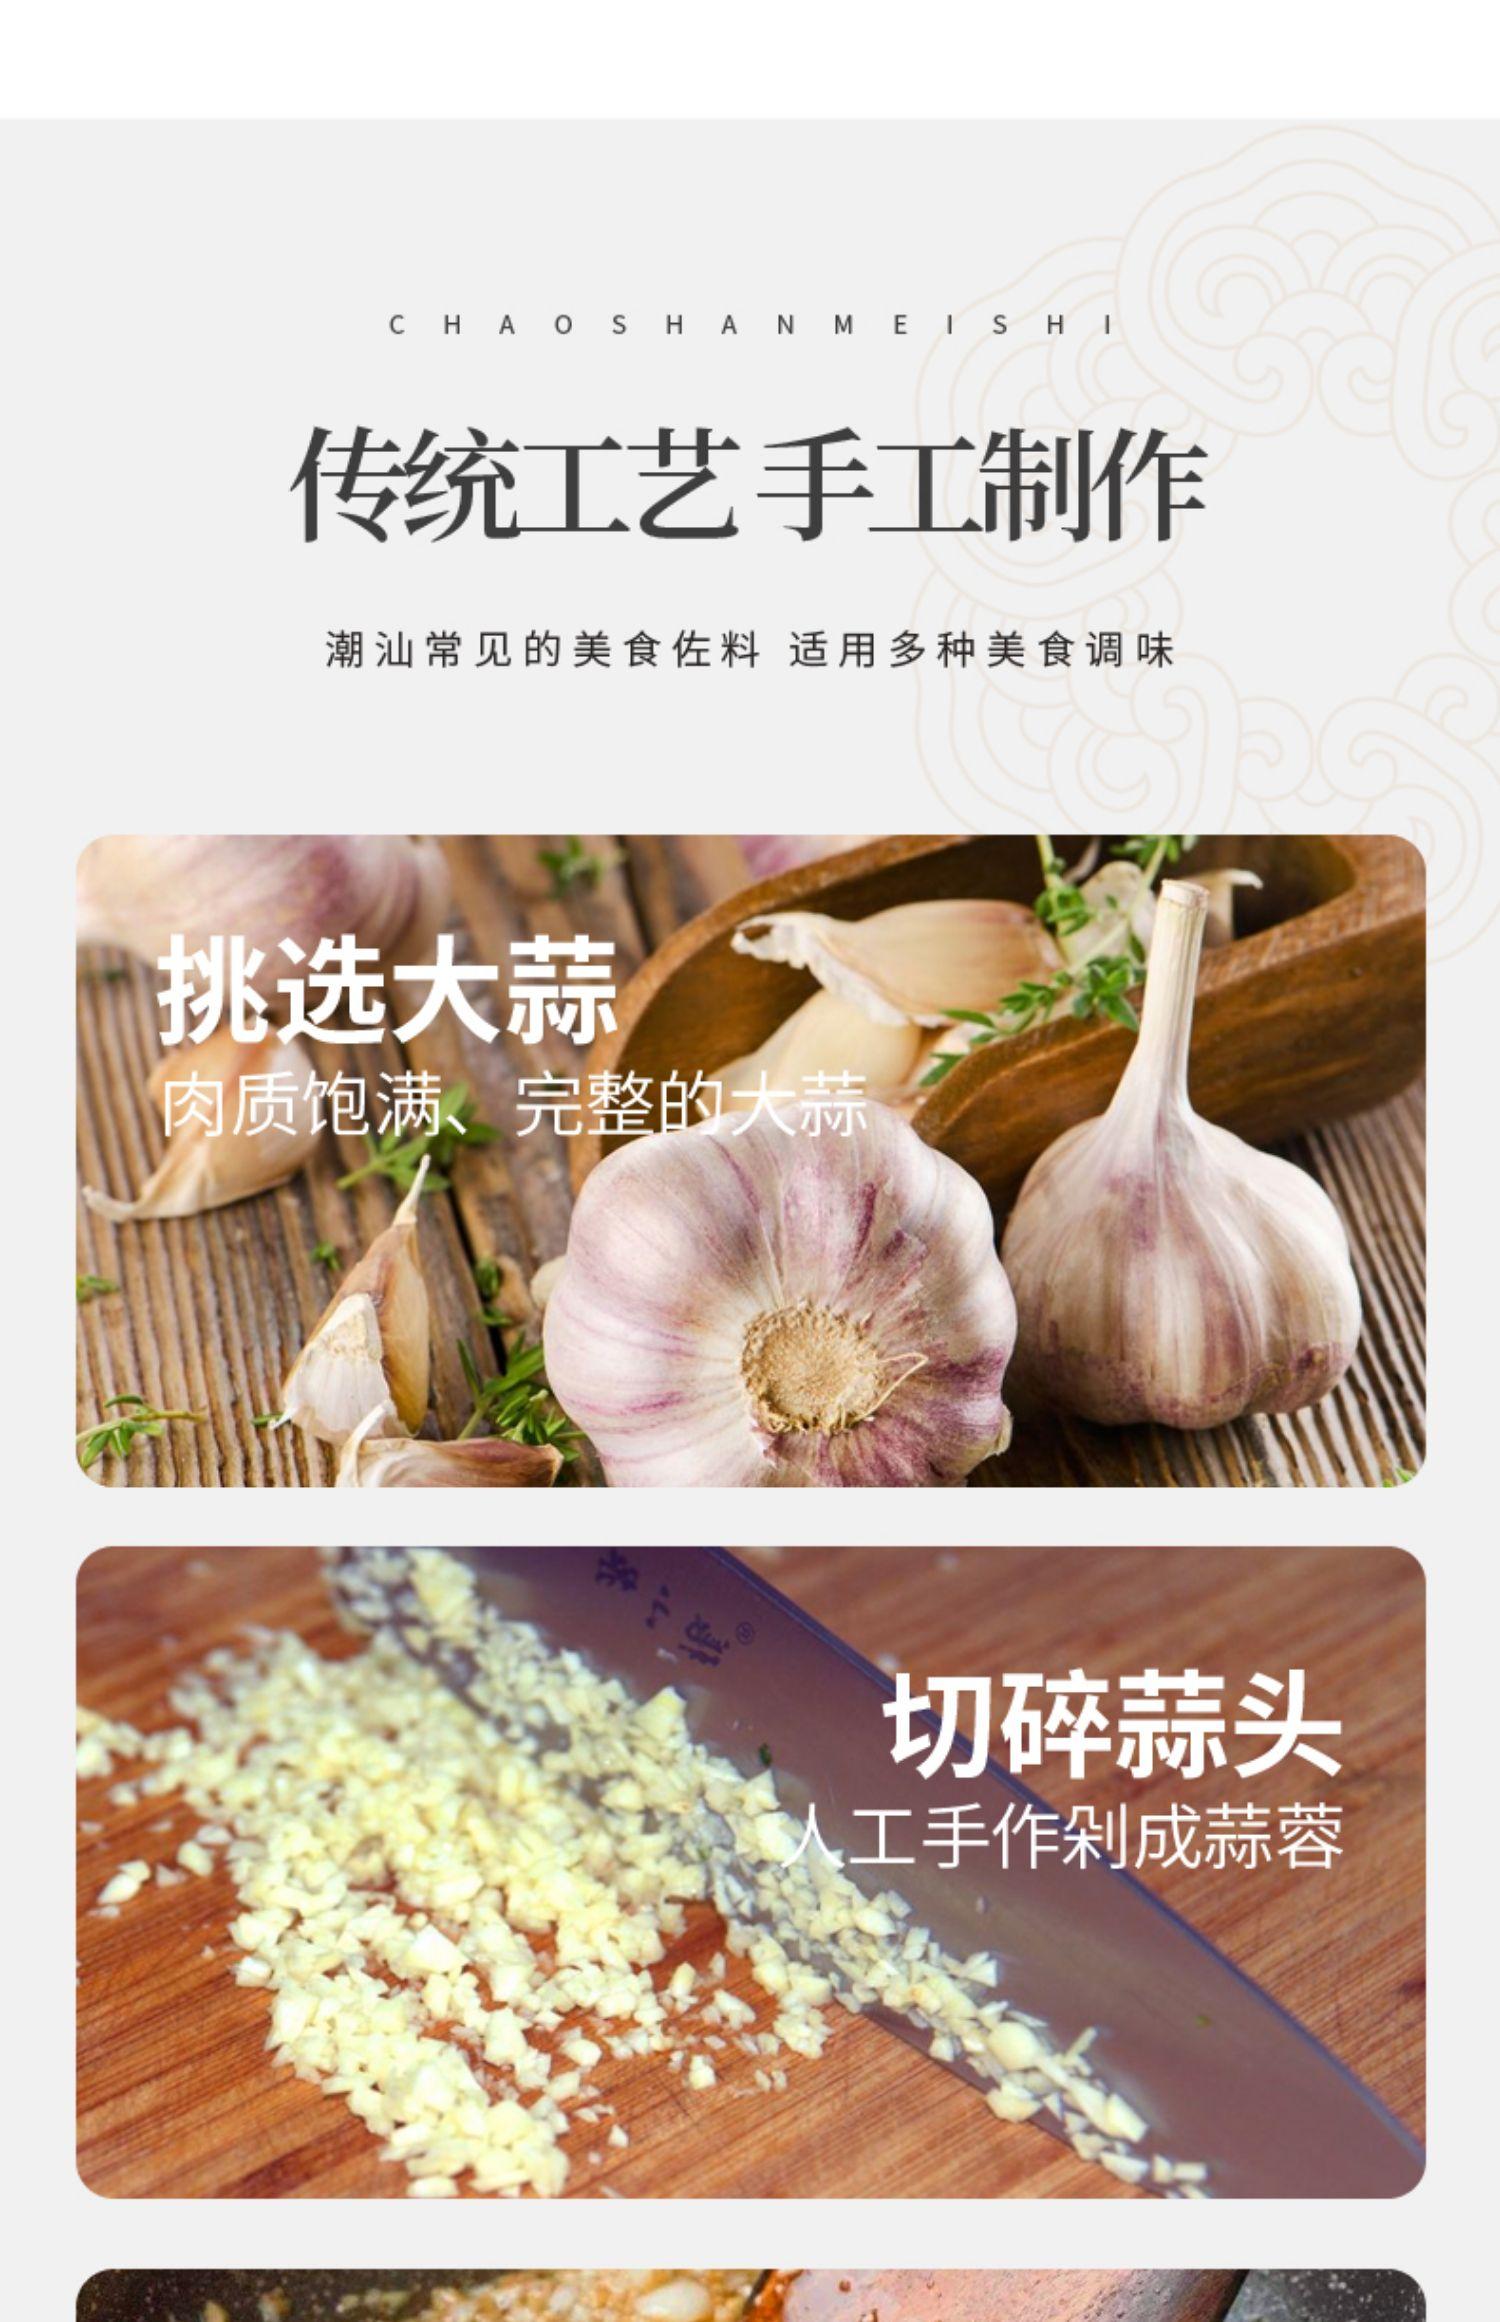 【好串意】潮汕蒜头酥蒜蓉酱10g*10包